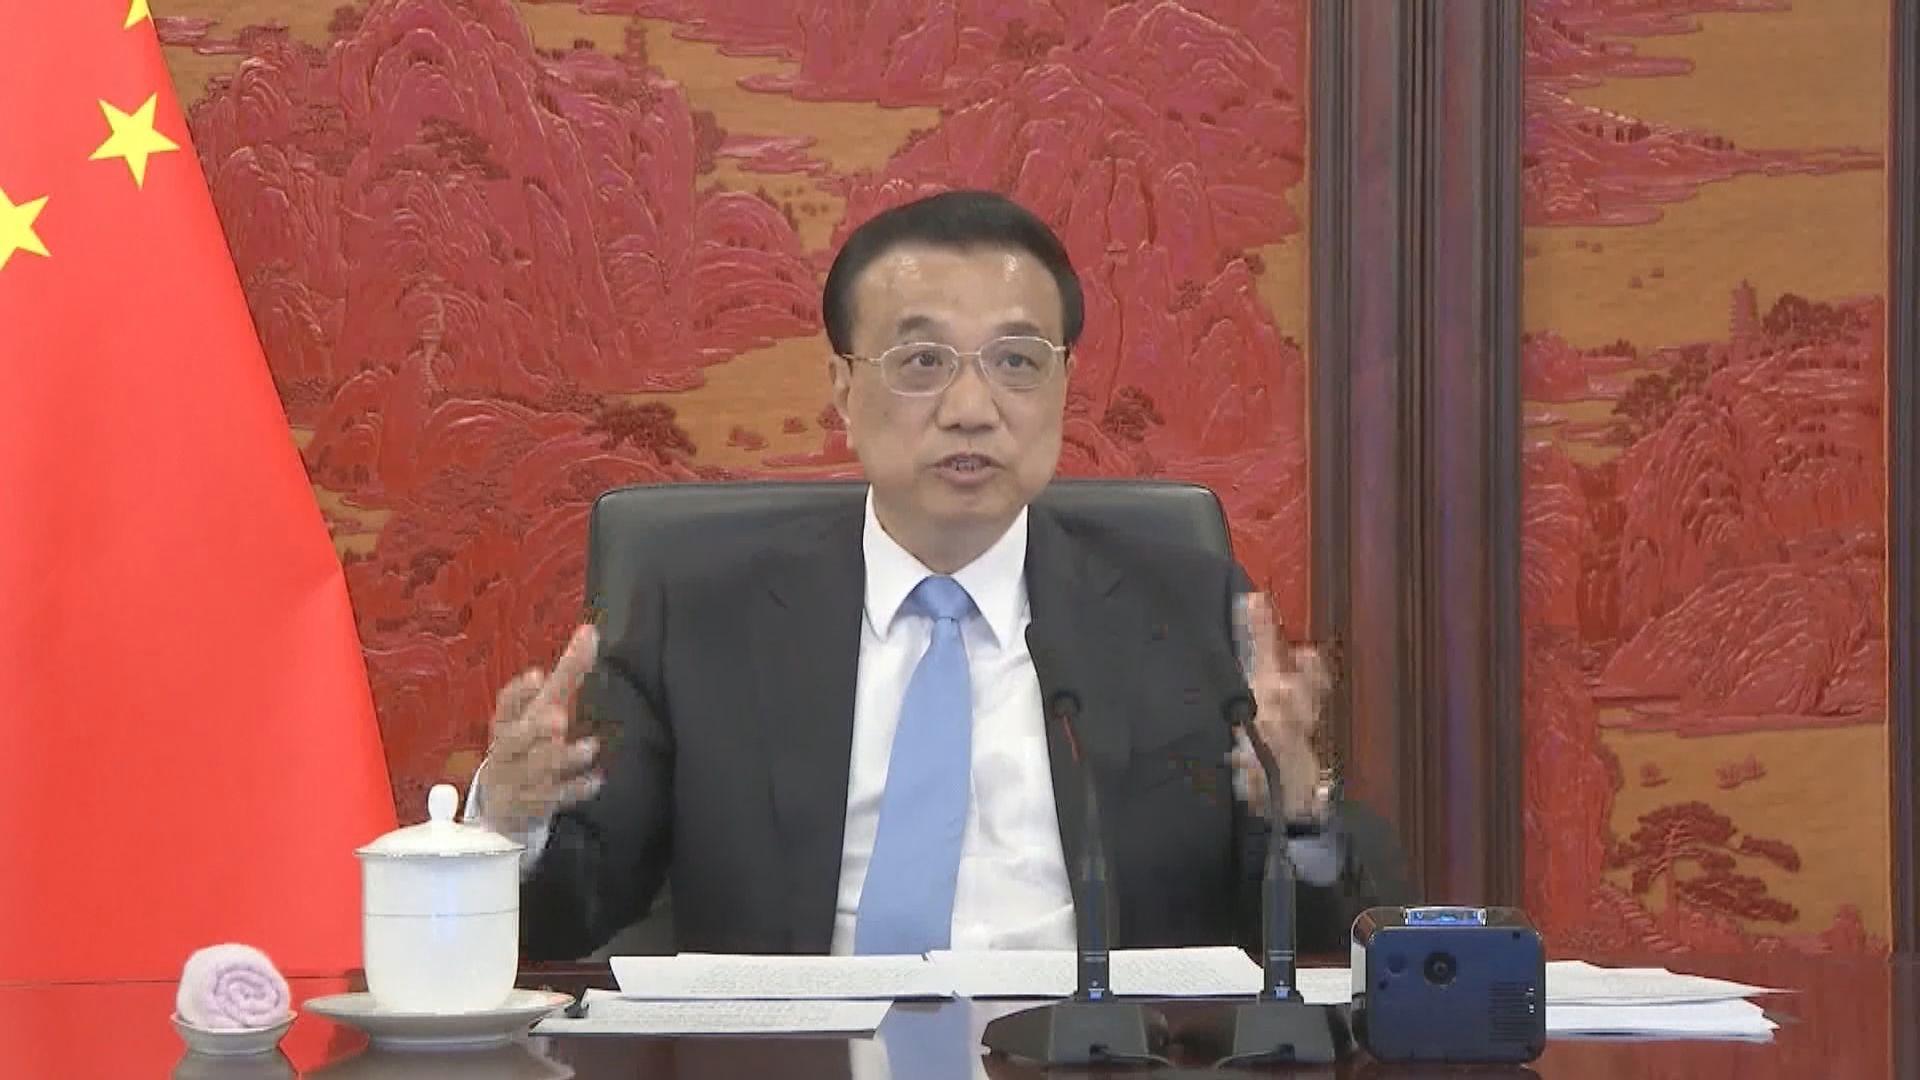 李克強:維護南海和平穩定符合利益 拜登:中國在台灣海峽有脅迫行為